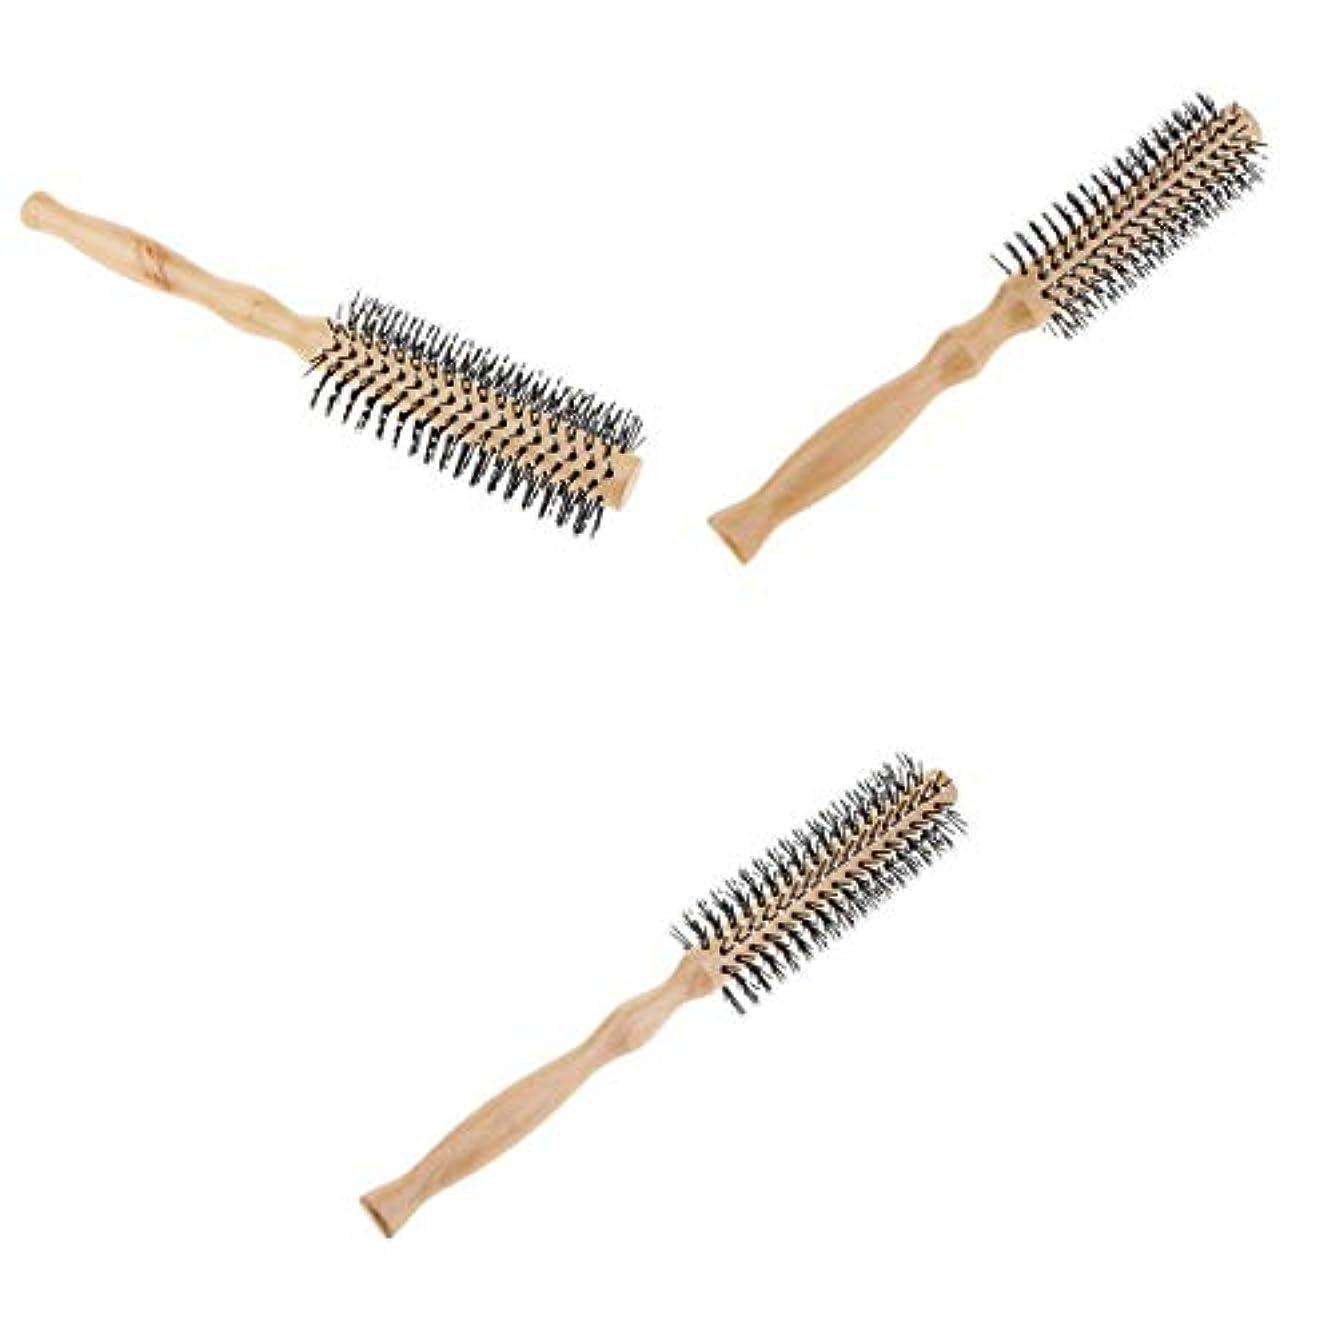 相対的公使館消費者T TOOYFUL ロールブラシ ヘアブラシ 木製櫛 スタイリングブラシ 巻き髪 静電気防止 3本セット